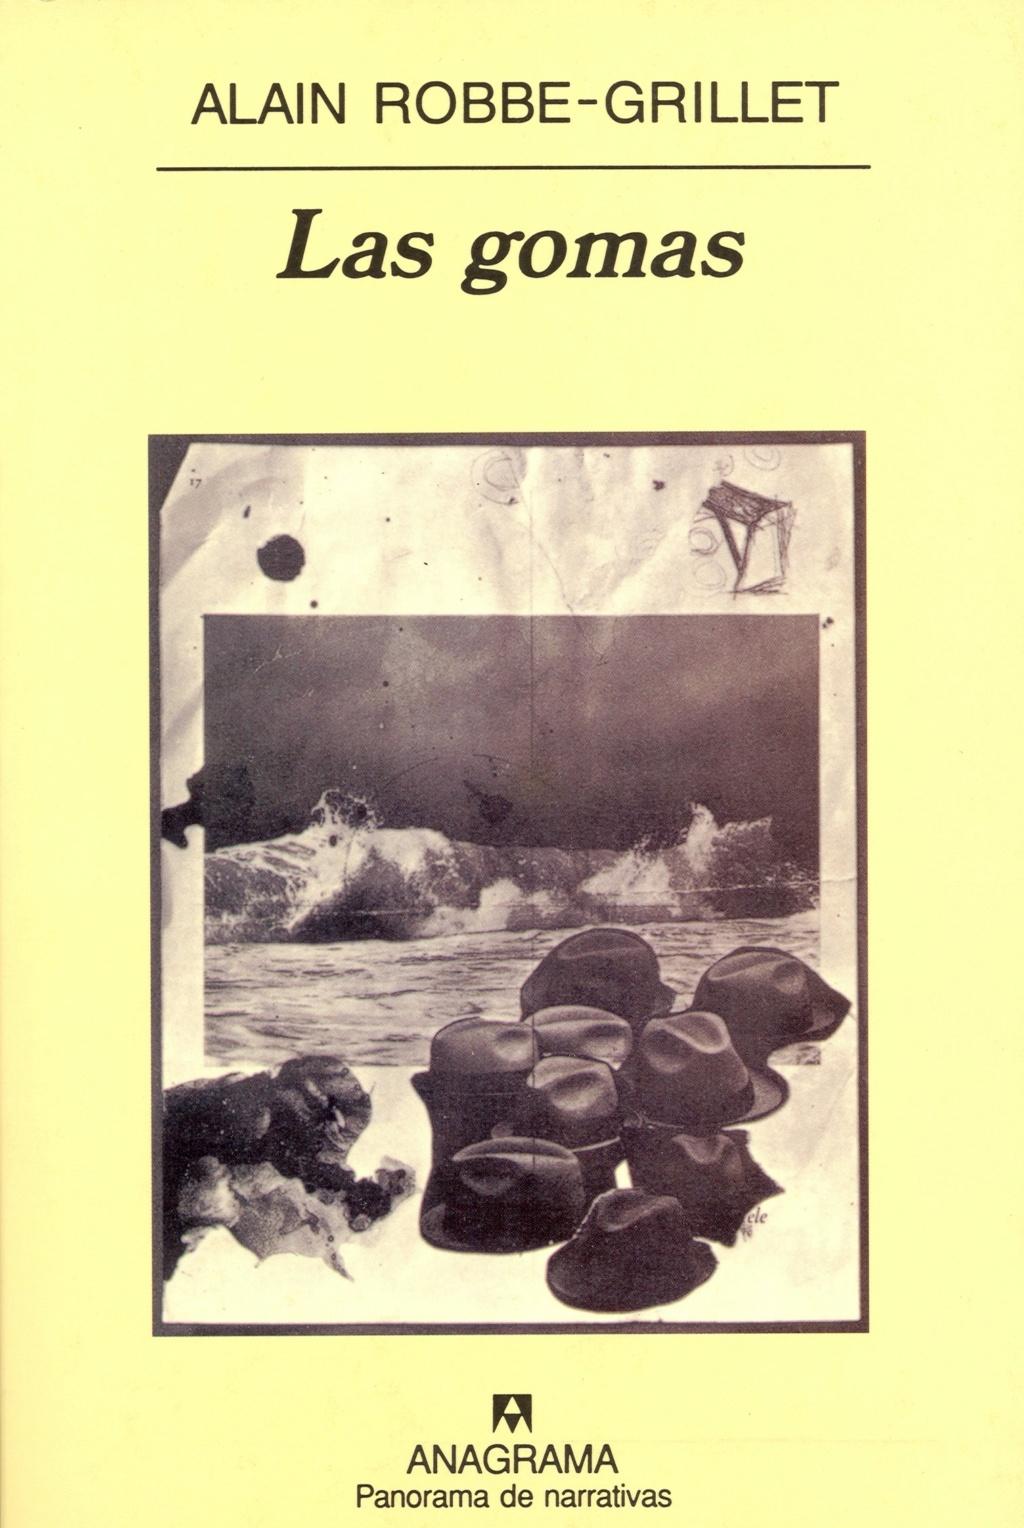 Las gomas -Alain Robbe-Grillet Portad18